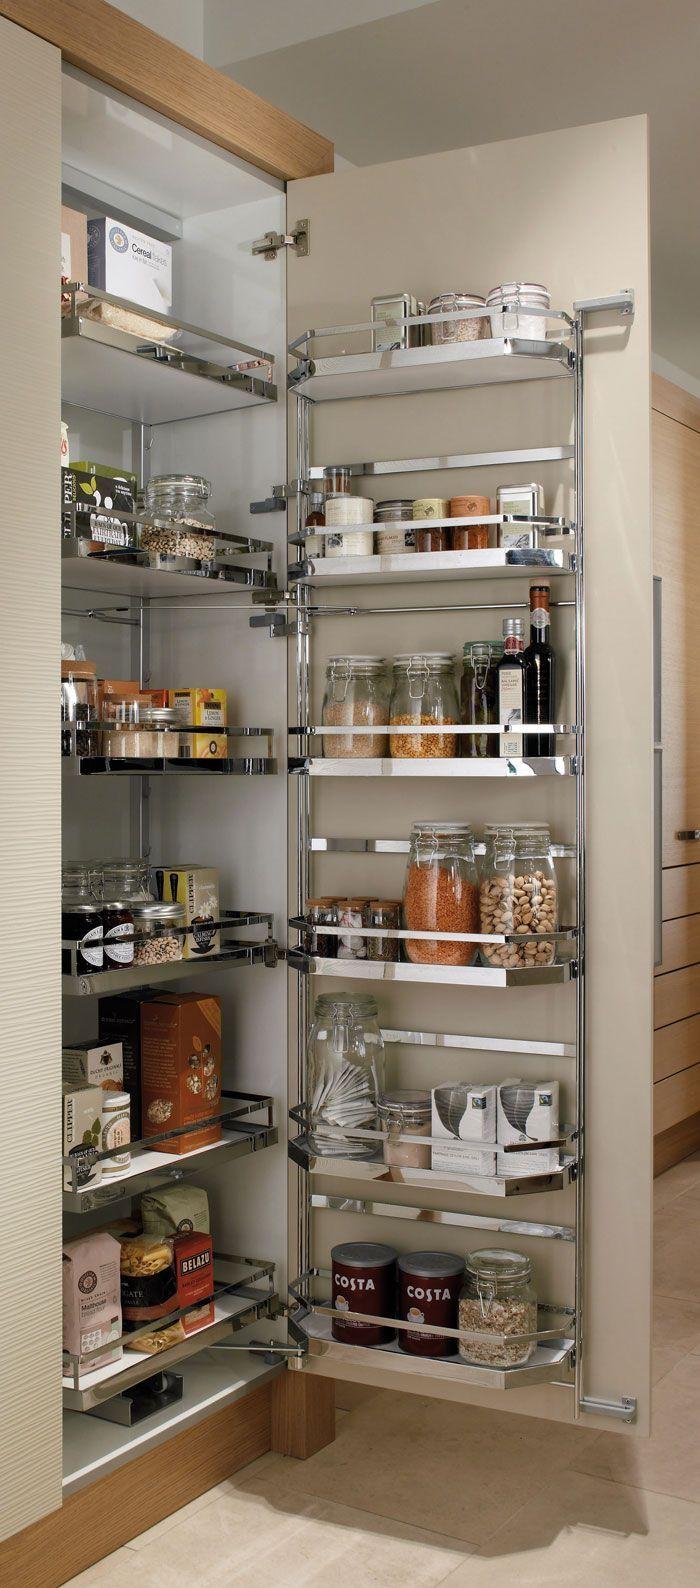 Pin by margaret dickenson on kitchen in pinterest kitchen